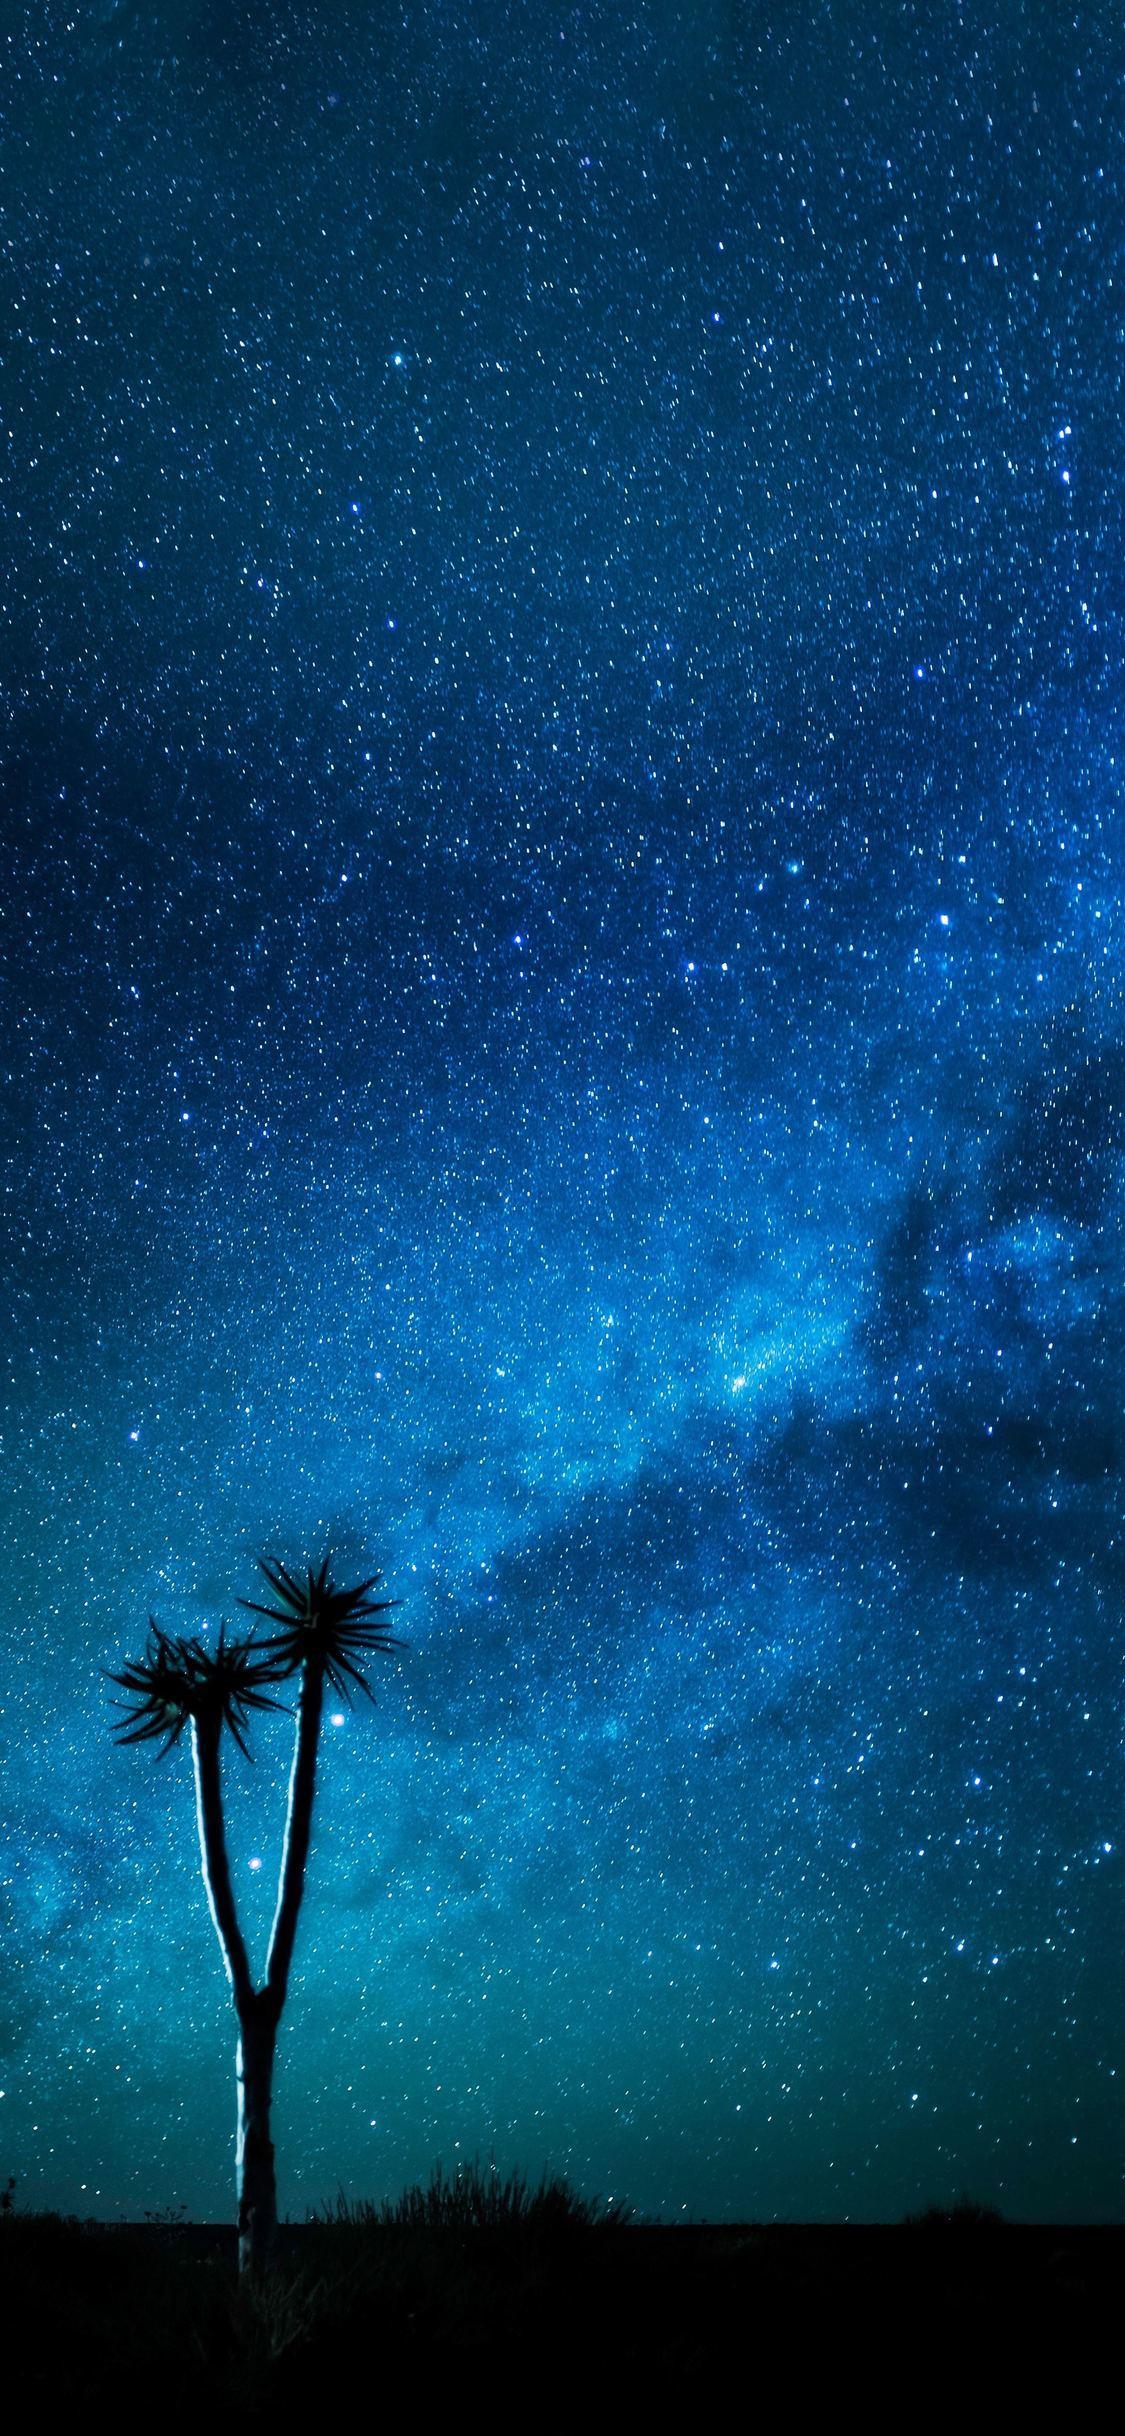 Milky Way 4k Phone Wallpapers Top Free Milky Way 4k Phone